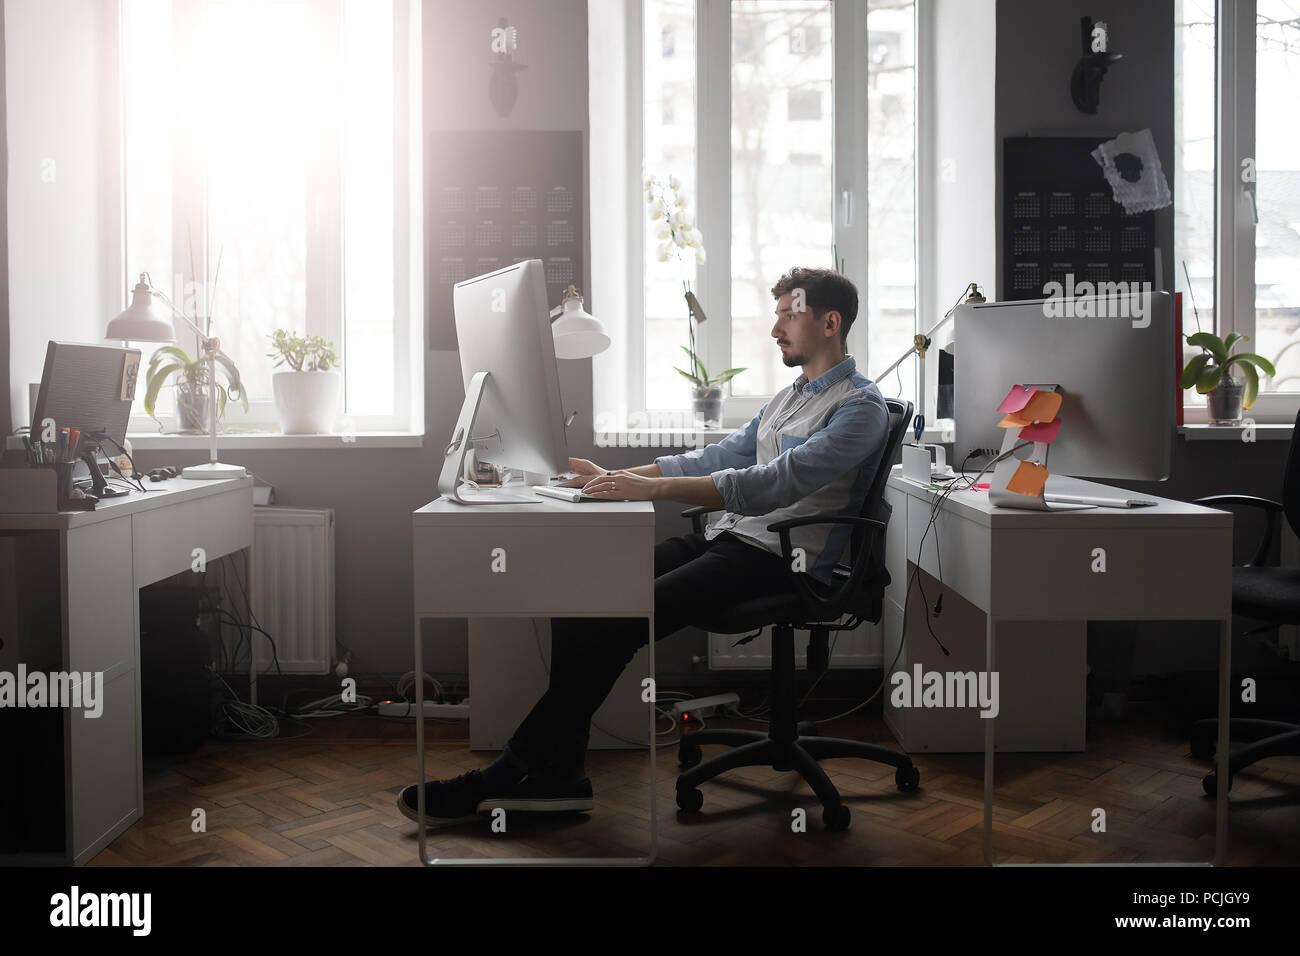 Un hombre que trabajaba en una oficina de diseño moderno Imagen De Stock